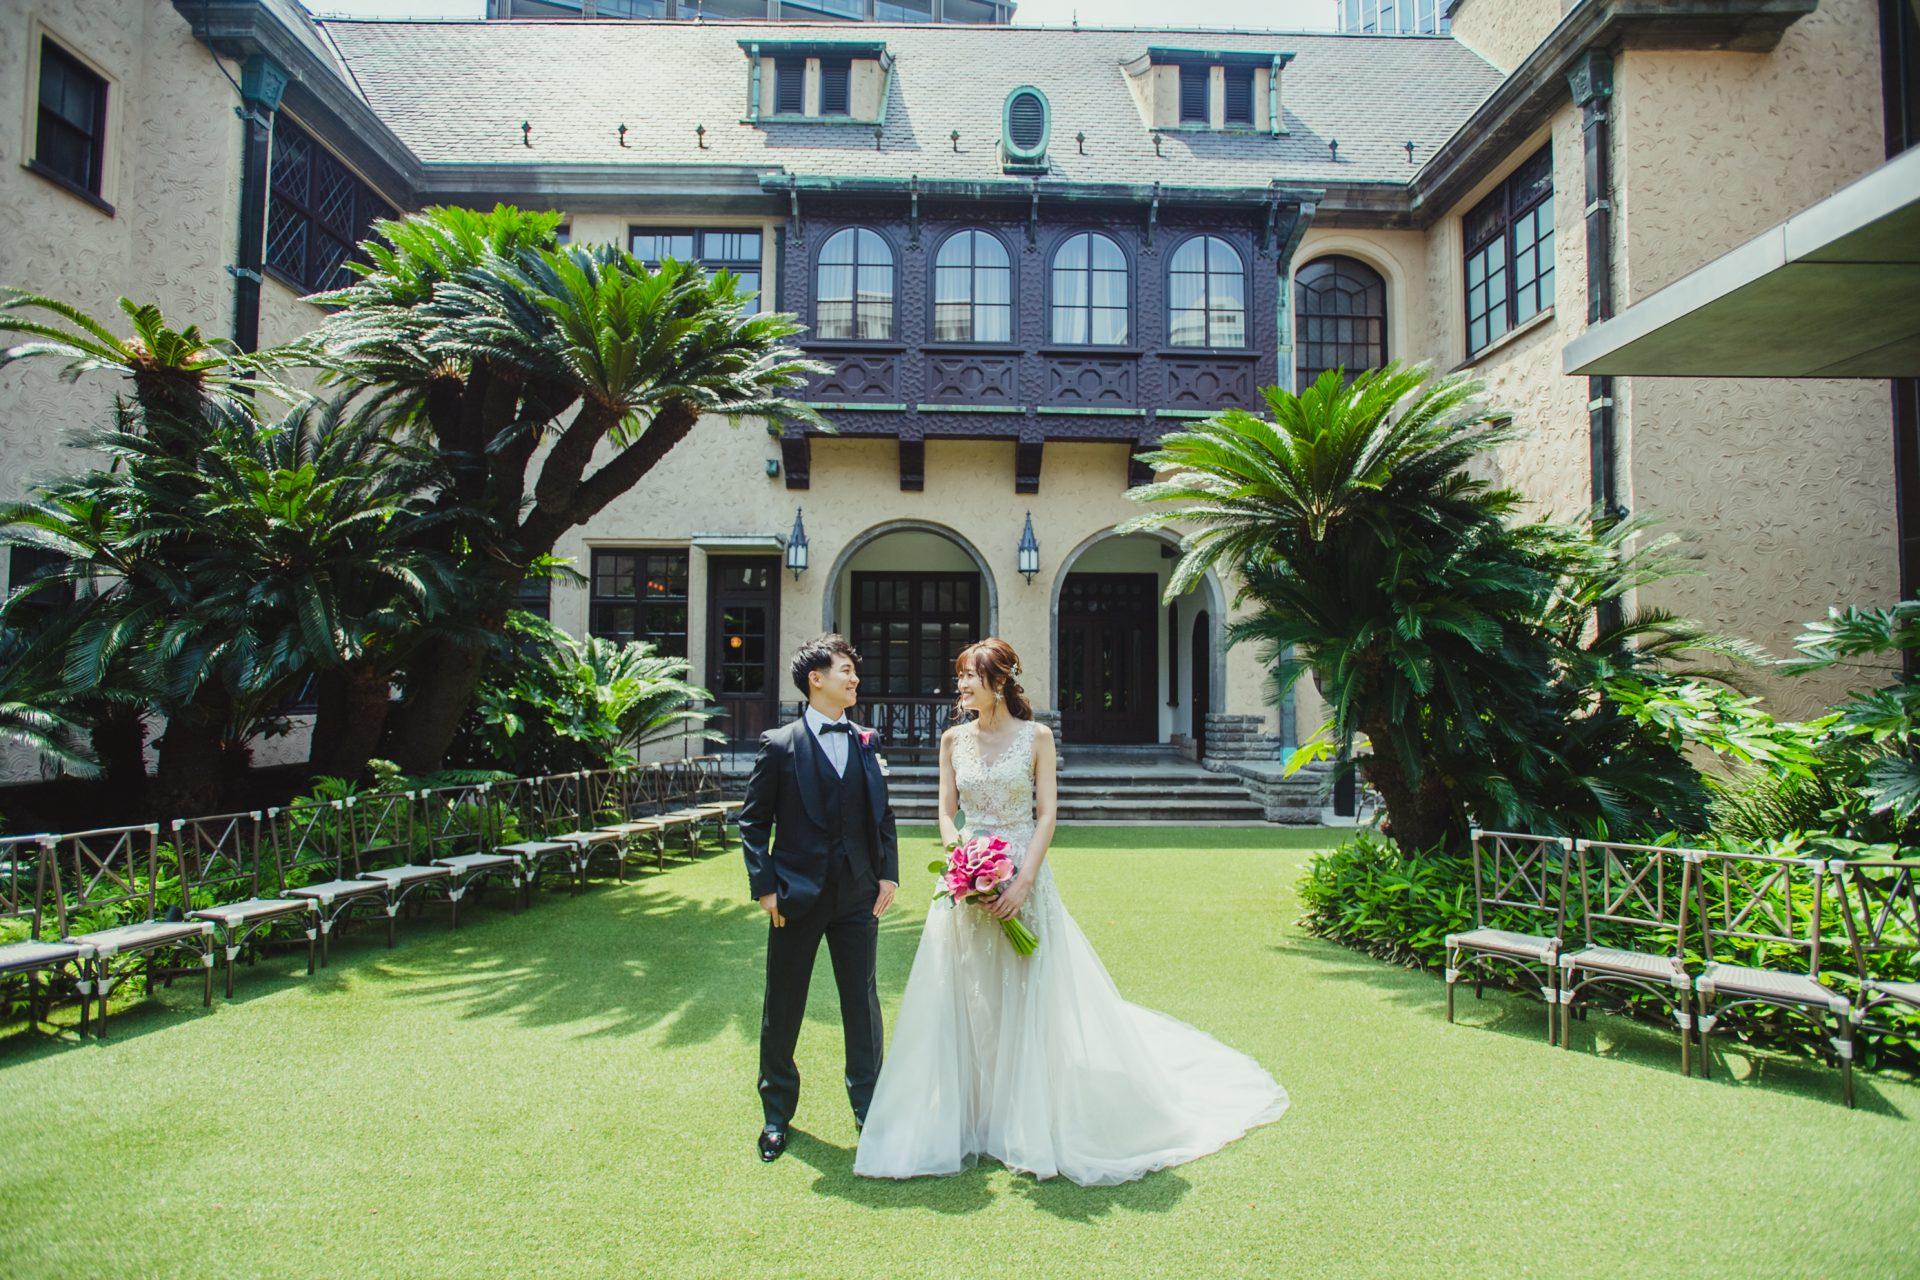 東京の結婚式場赤坂プリンスクラシックハウスには芝生の美しいプライベートガーデンがあり、太陽の日差しをたっぷりと浴びながら行うガーデンウェディングもアットホームな雰囲気で大変人気となっています